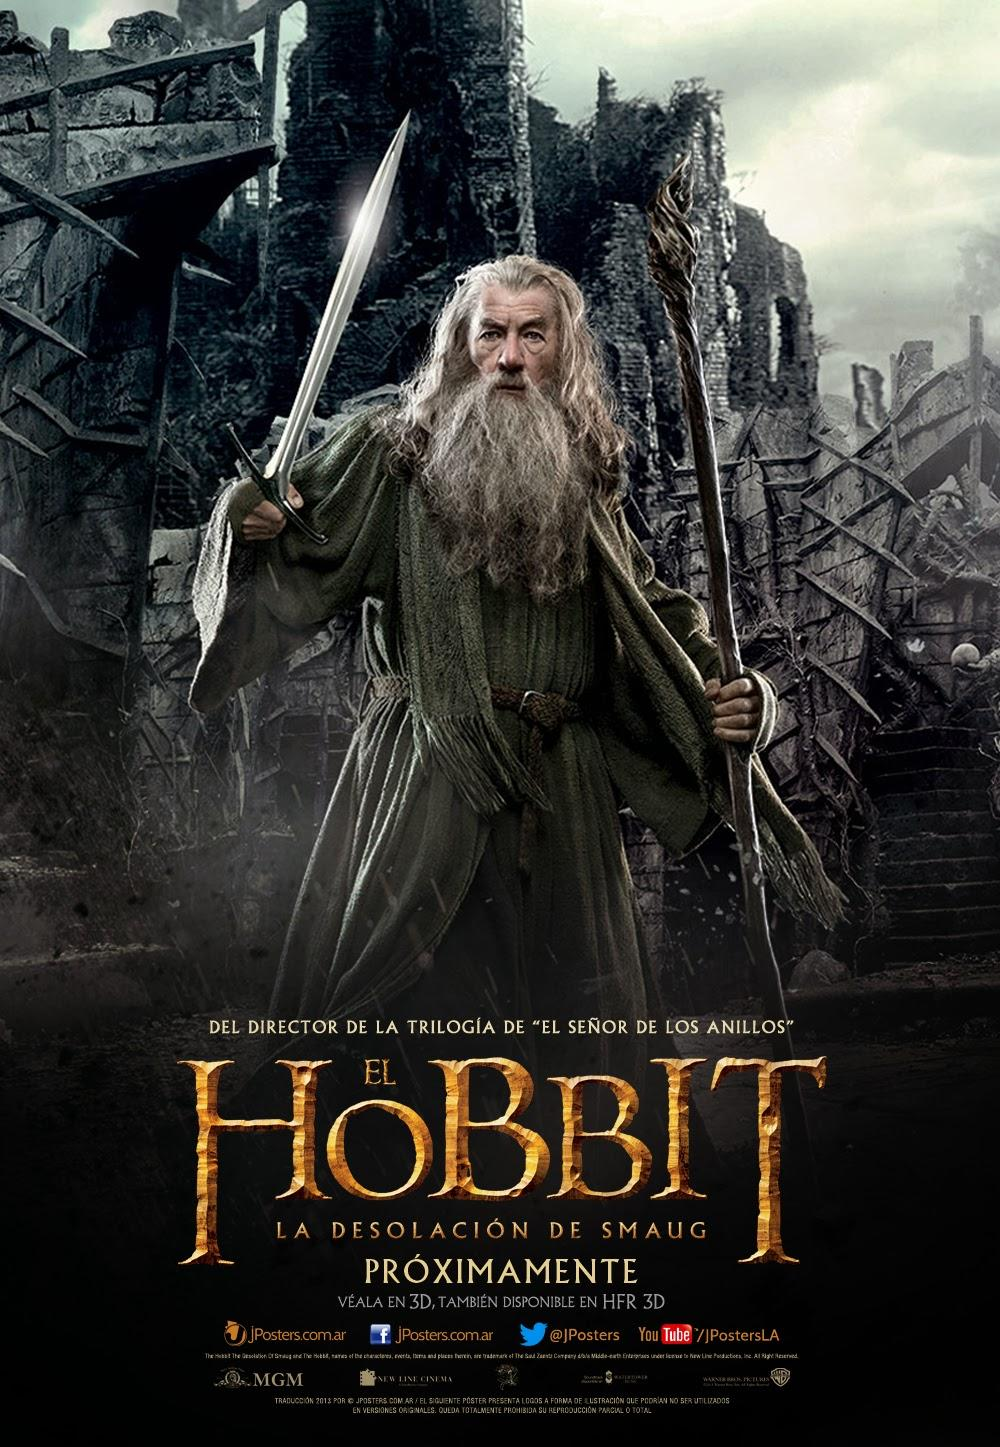 El_Hobbit_La_Desolación_De_Smaug_Nuevo_Poster_Latino_a_JPosters.jpg